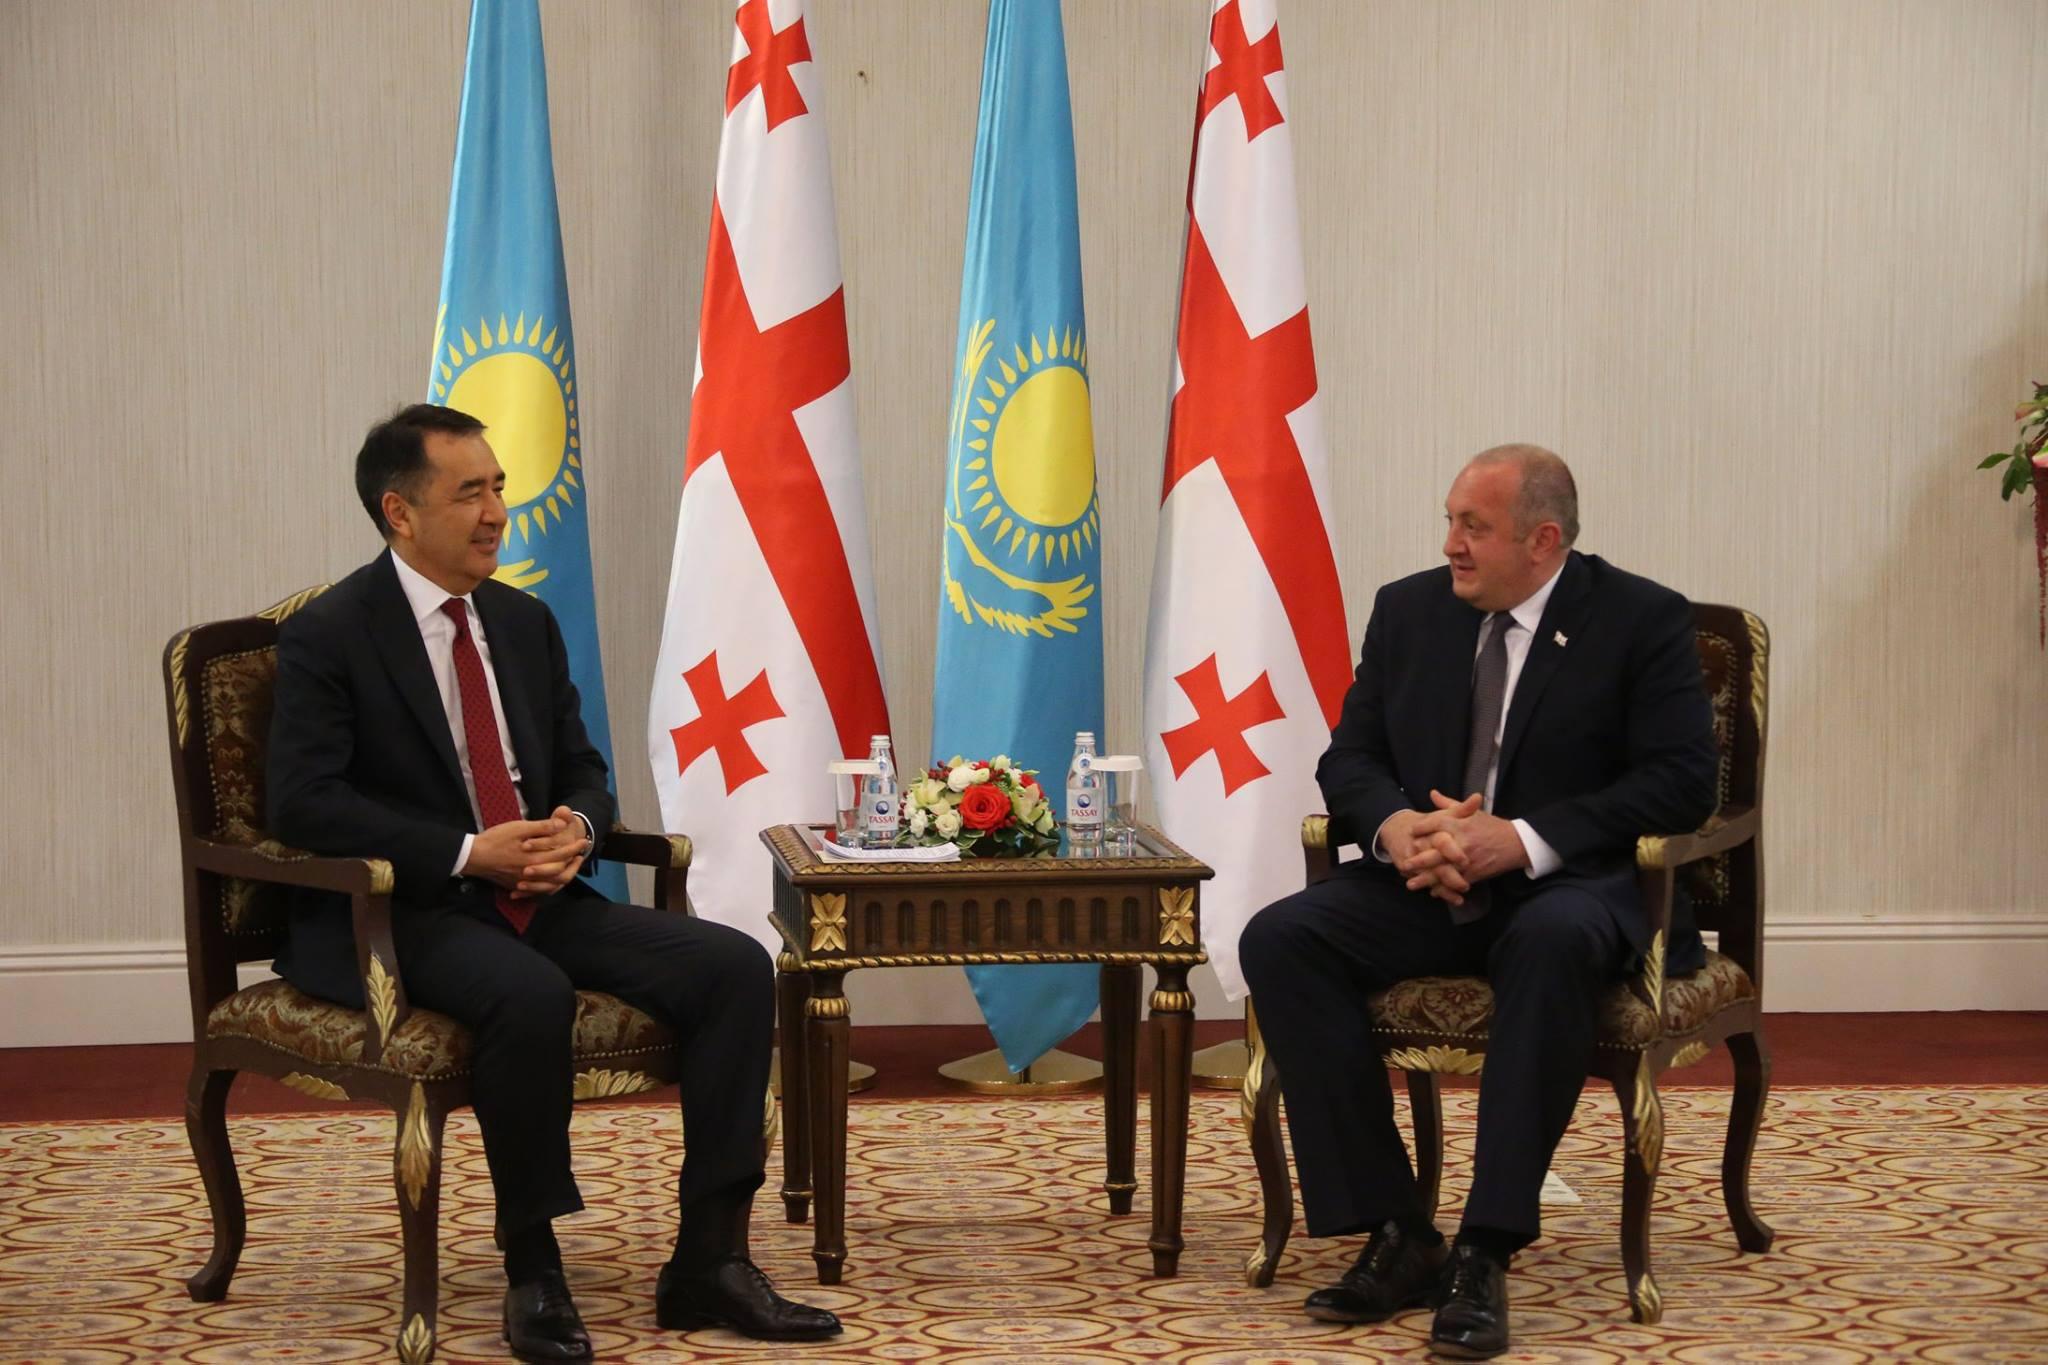 შეხვედრა ყაზახეთის პრემიერ-მინისტრთან ბაკიტჟან საგინტაევთან